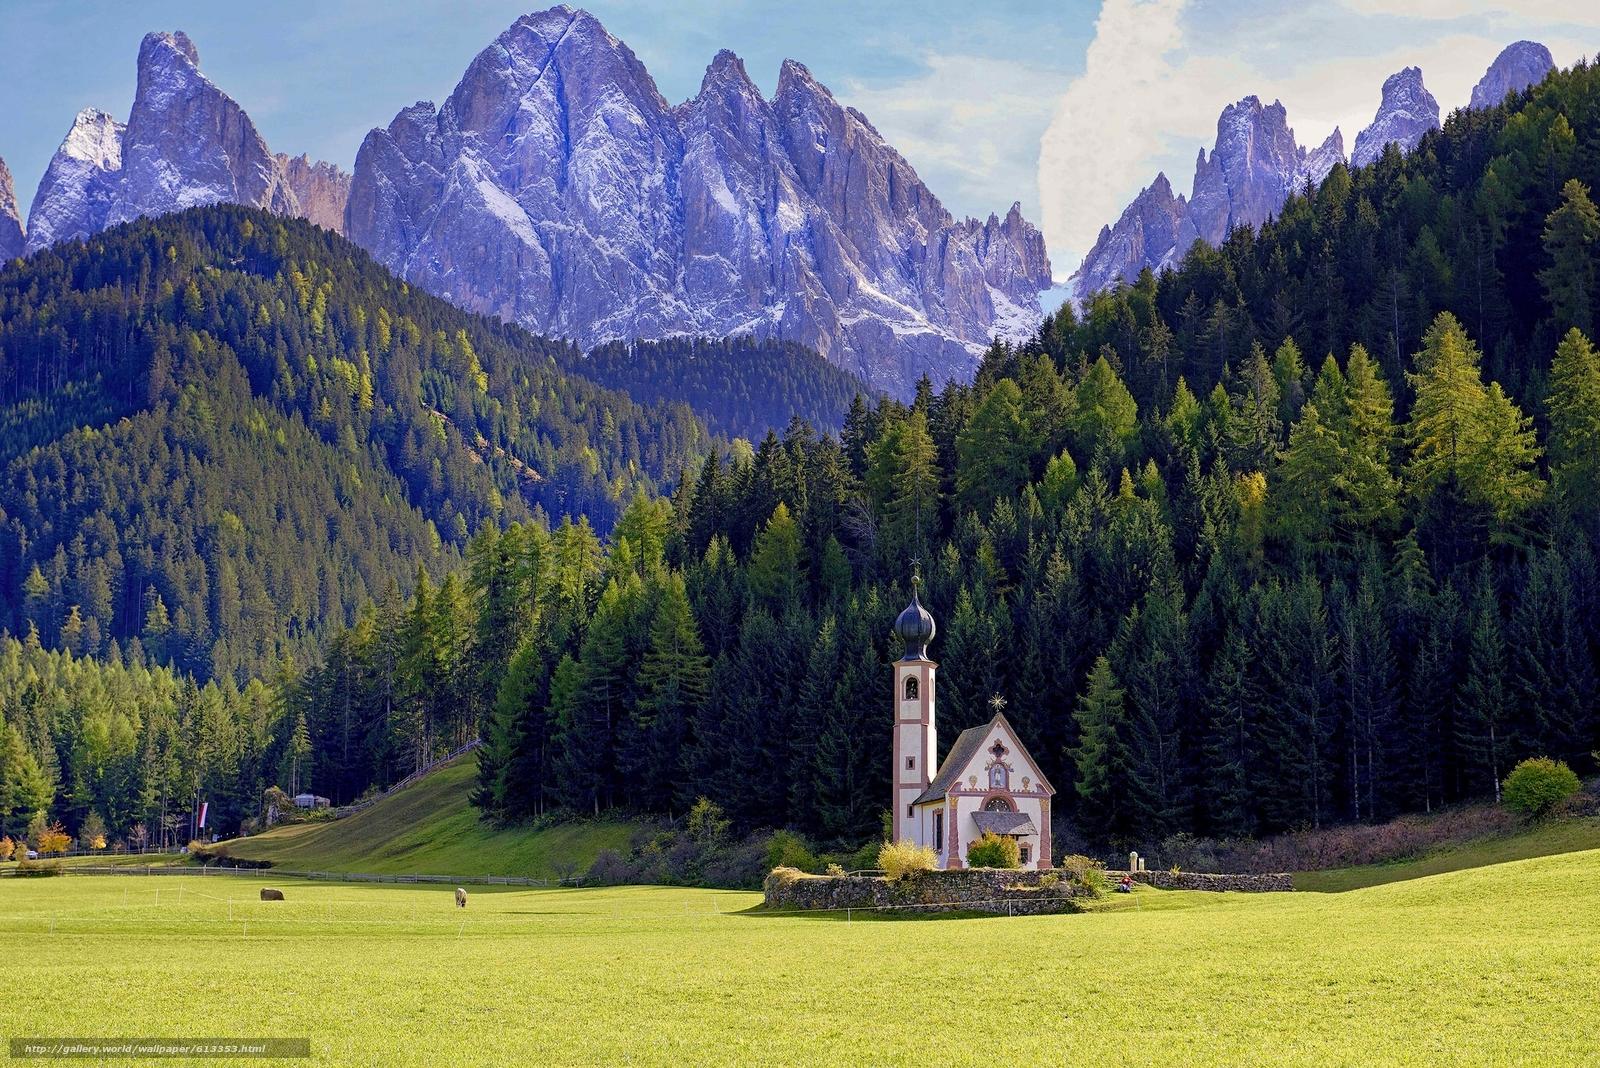 Scaricare Gli Sfondi Villnoss Alto Adige Italia Dolomiti Sfondi